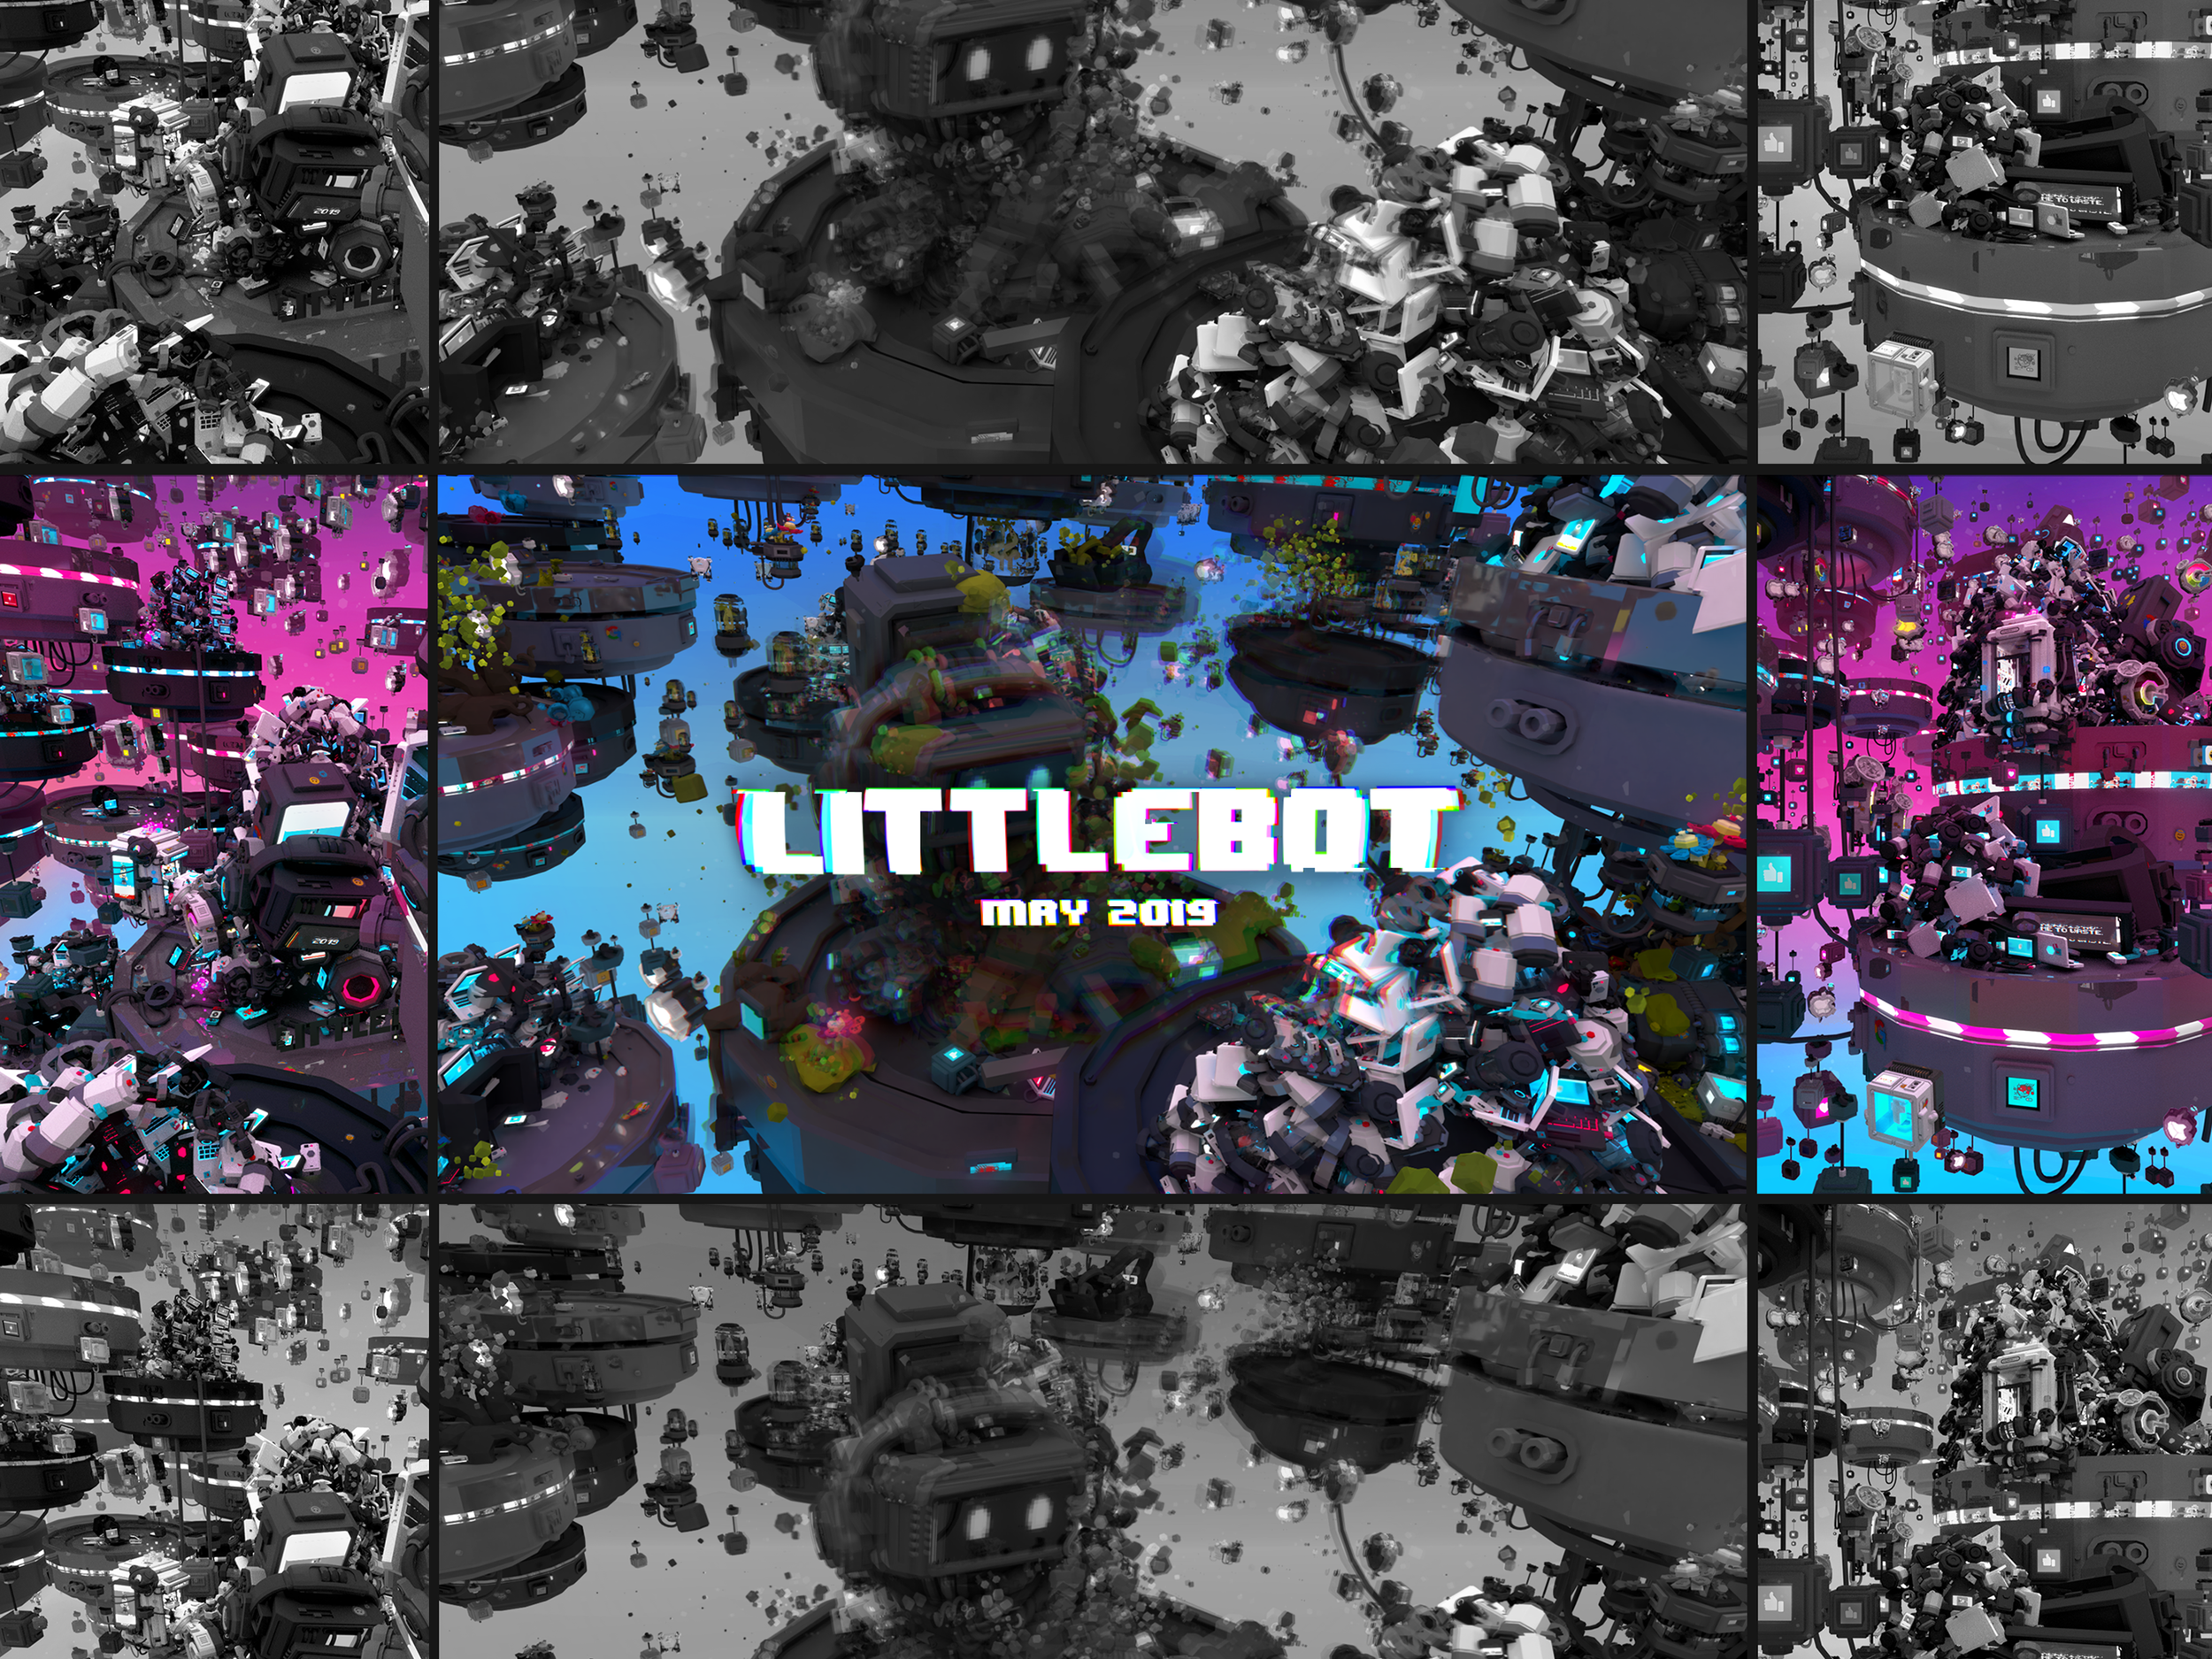 Littlebot-banner2.png